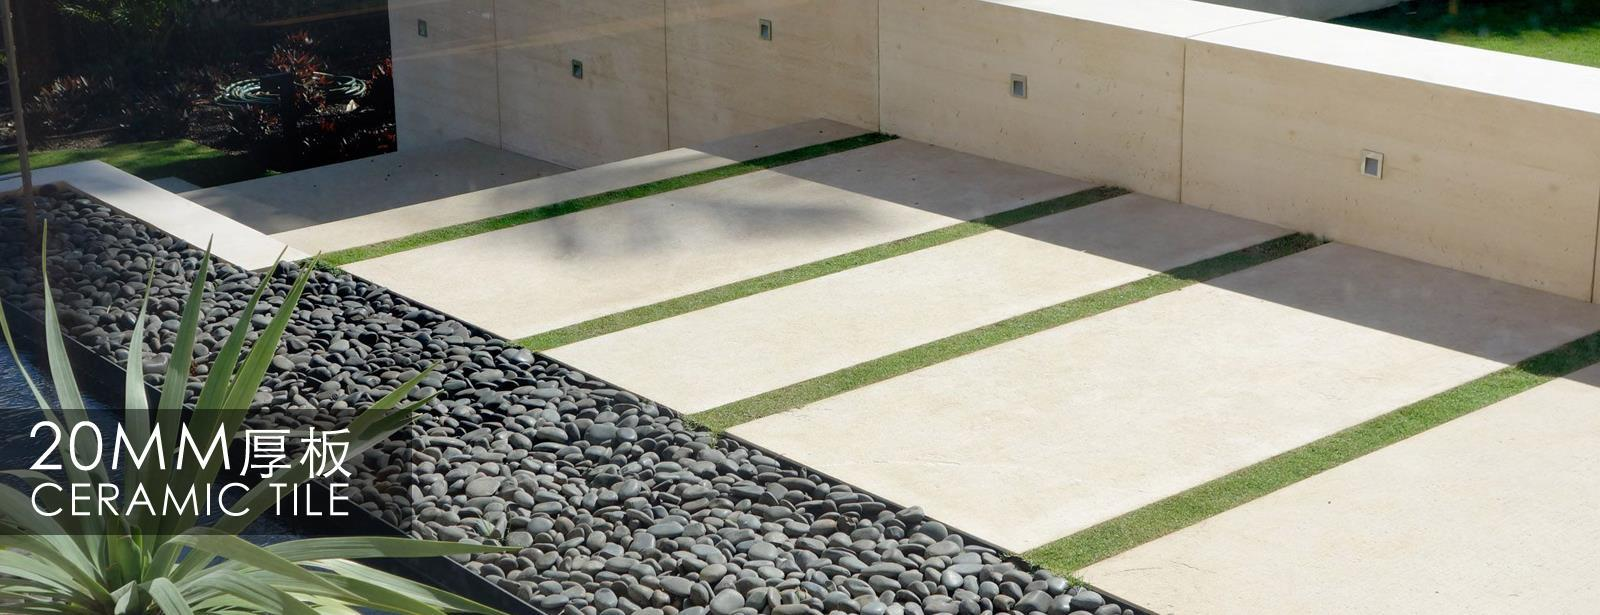 2cm厚生態地鋪石懸空鋪貼是怎樣的?懸空鋪貼有什么優點